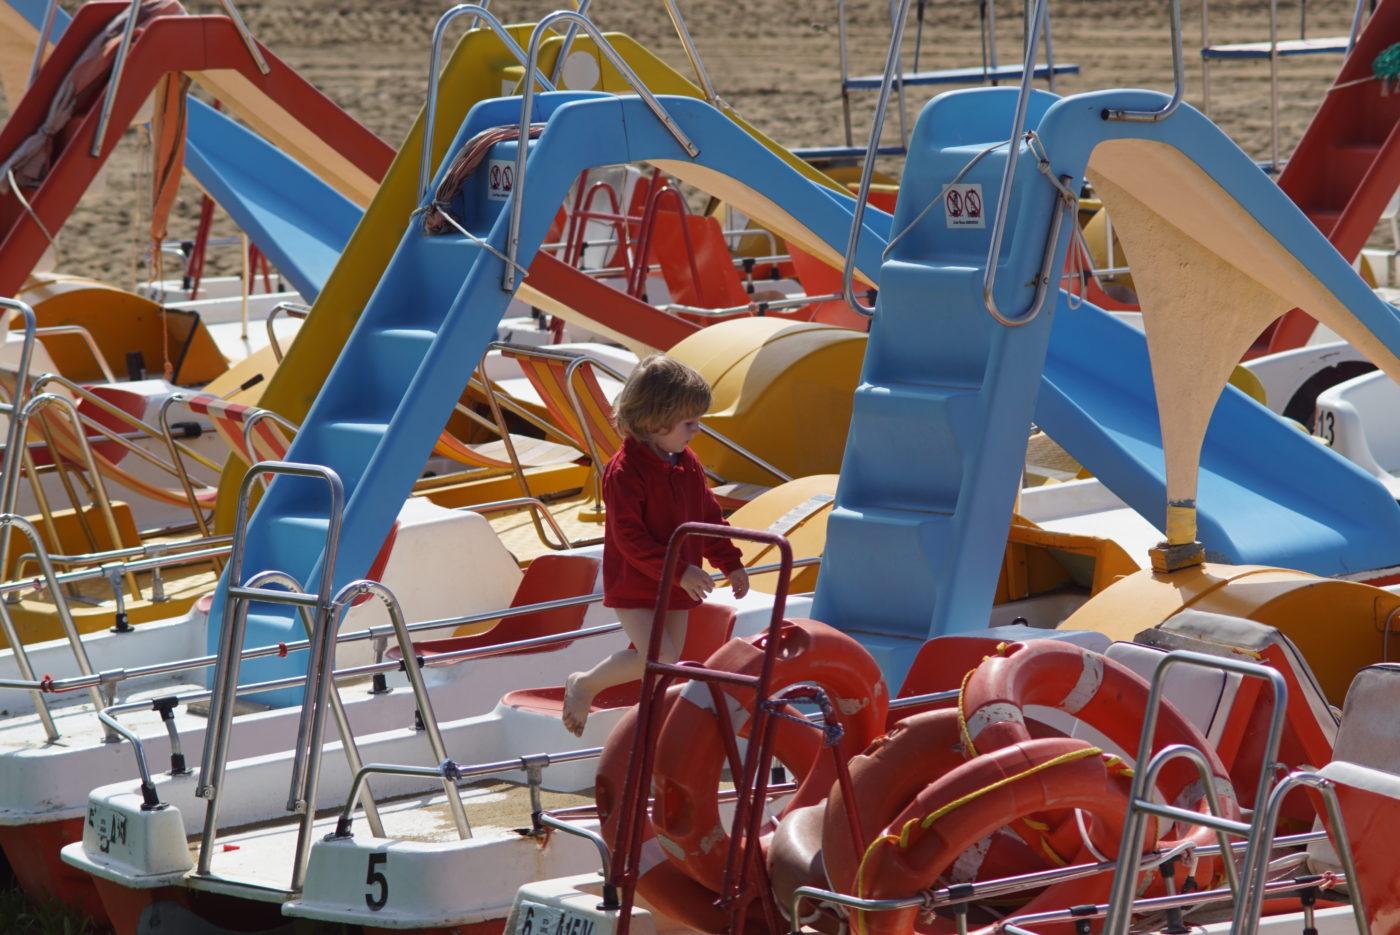 Es sind ca. zehn Tretboote mit Rutschen zu sehen die auf Sand am Strand liegen. Unser Sohn Luk hüpft in einem roten Langshirt von einem Boot zum anderen.